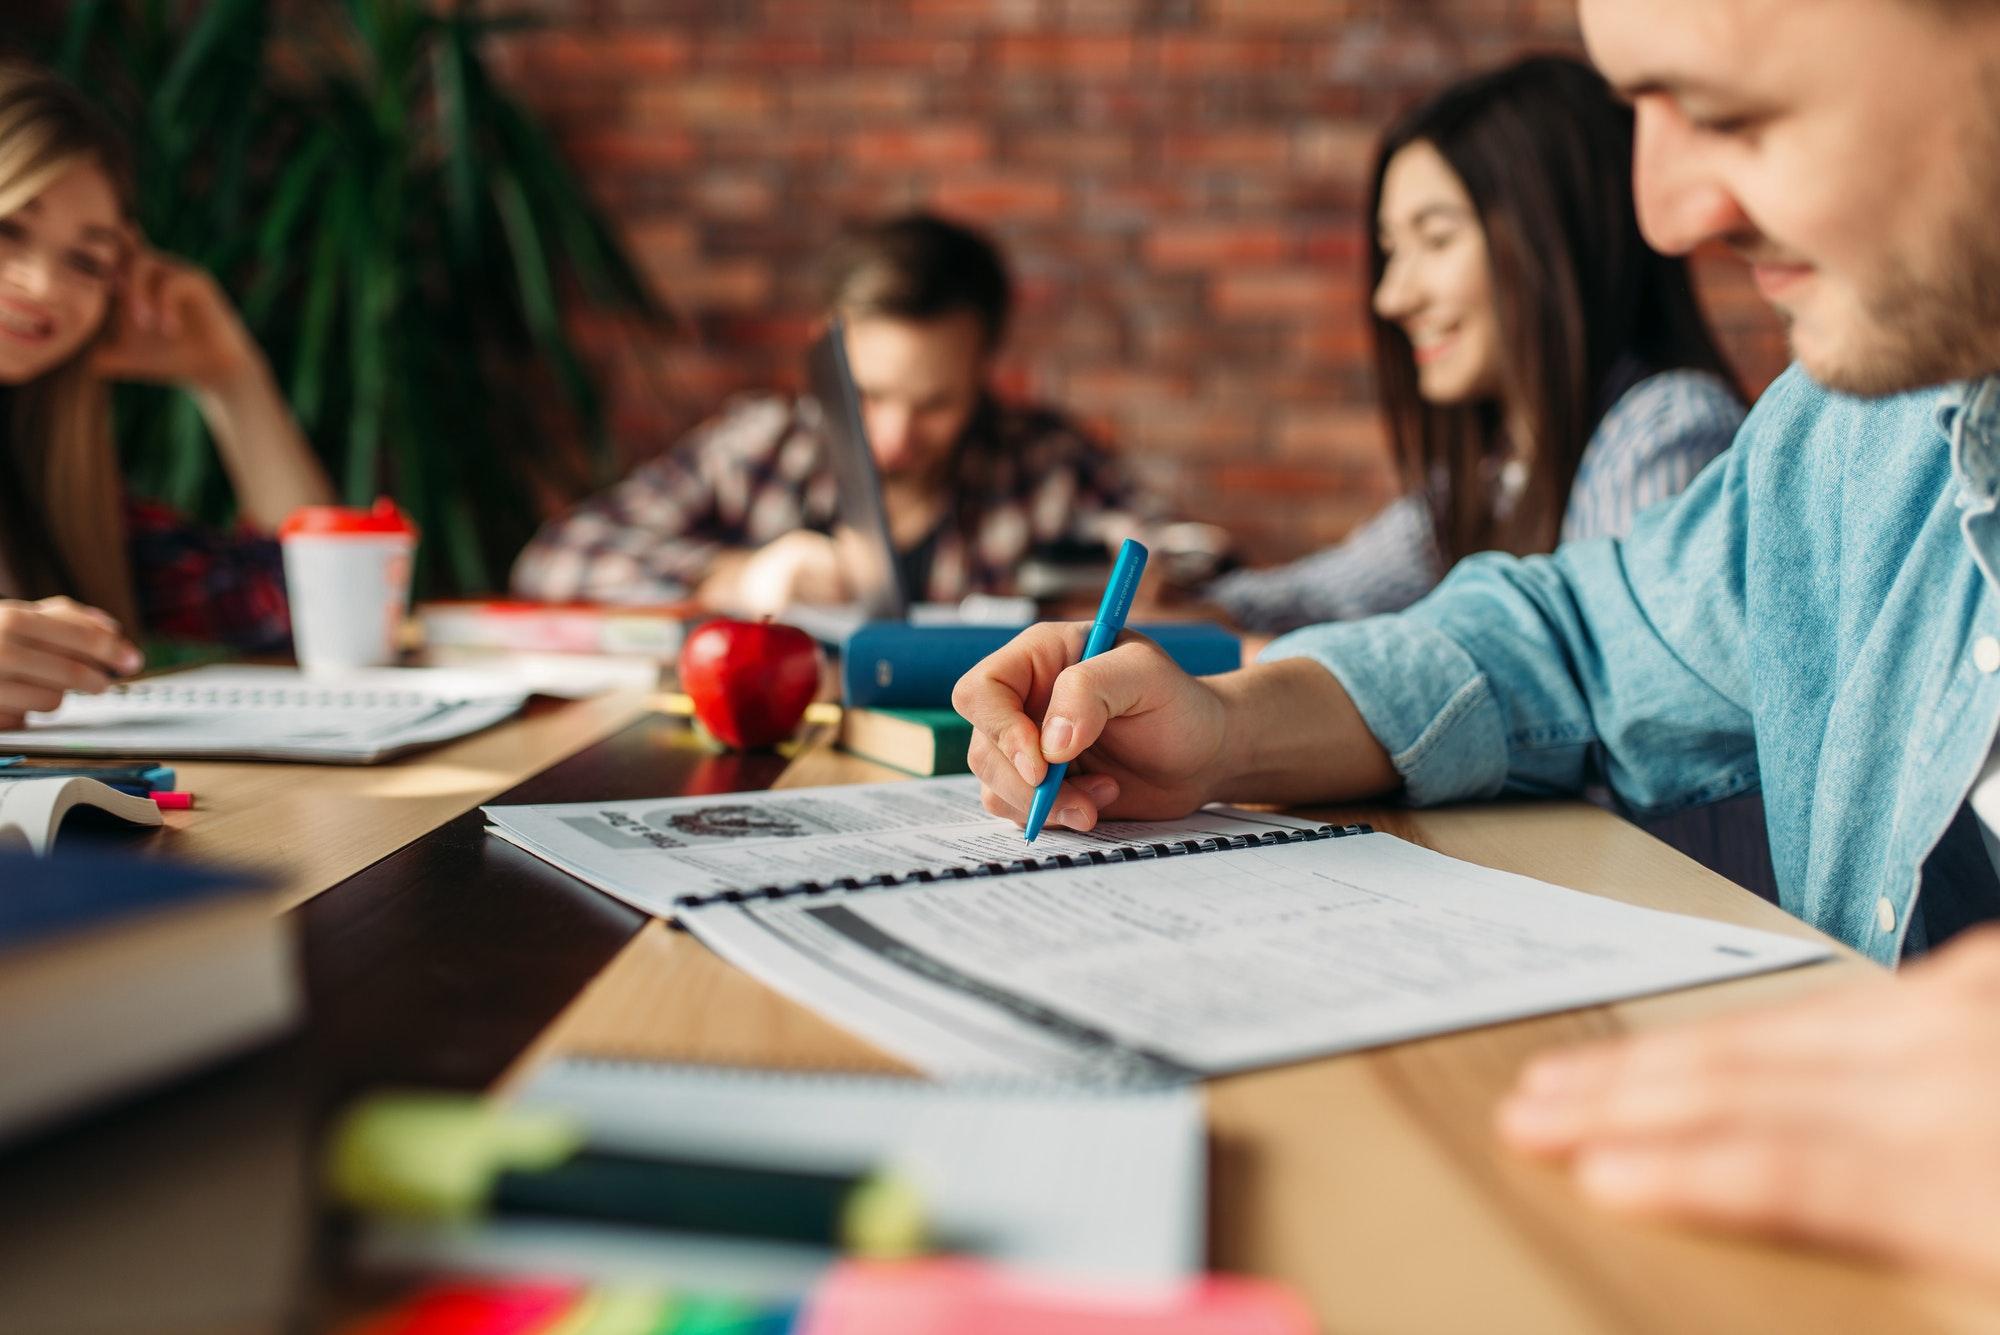 Studentski savjeti: Kako da uz minimalan trud ostvarite maksimalan uspjeh?